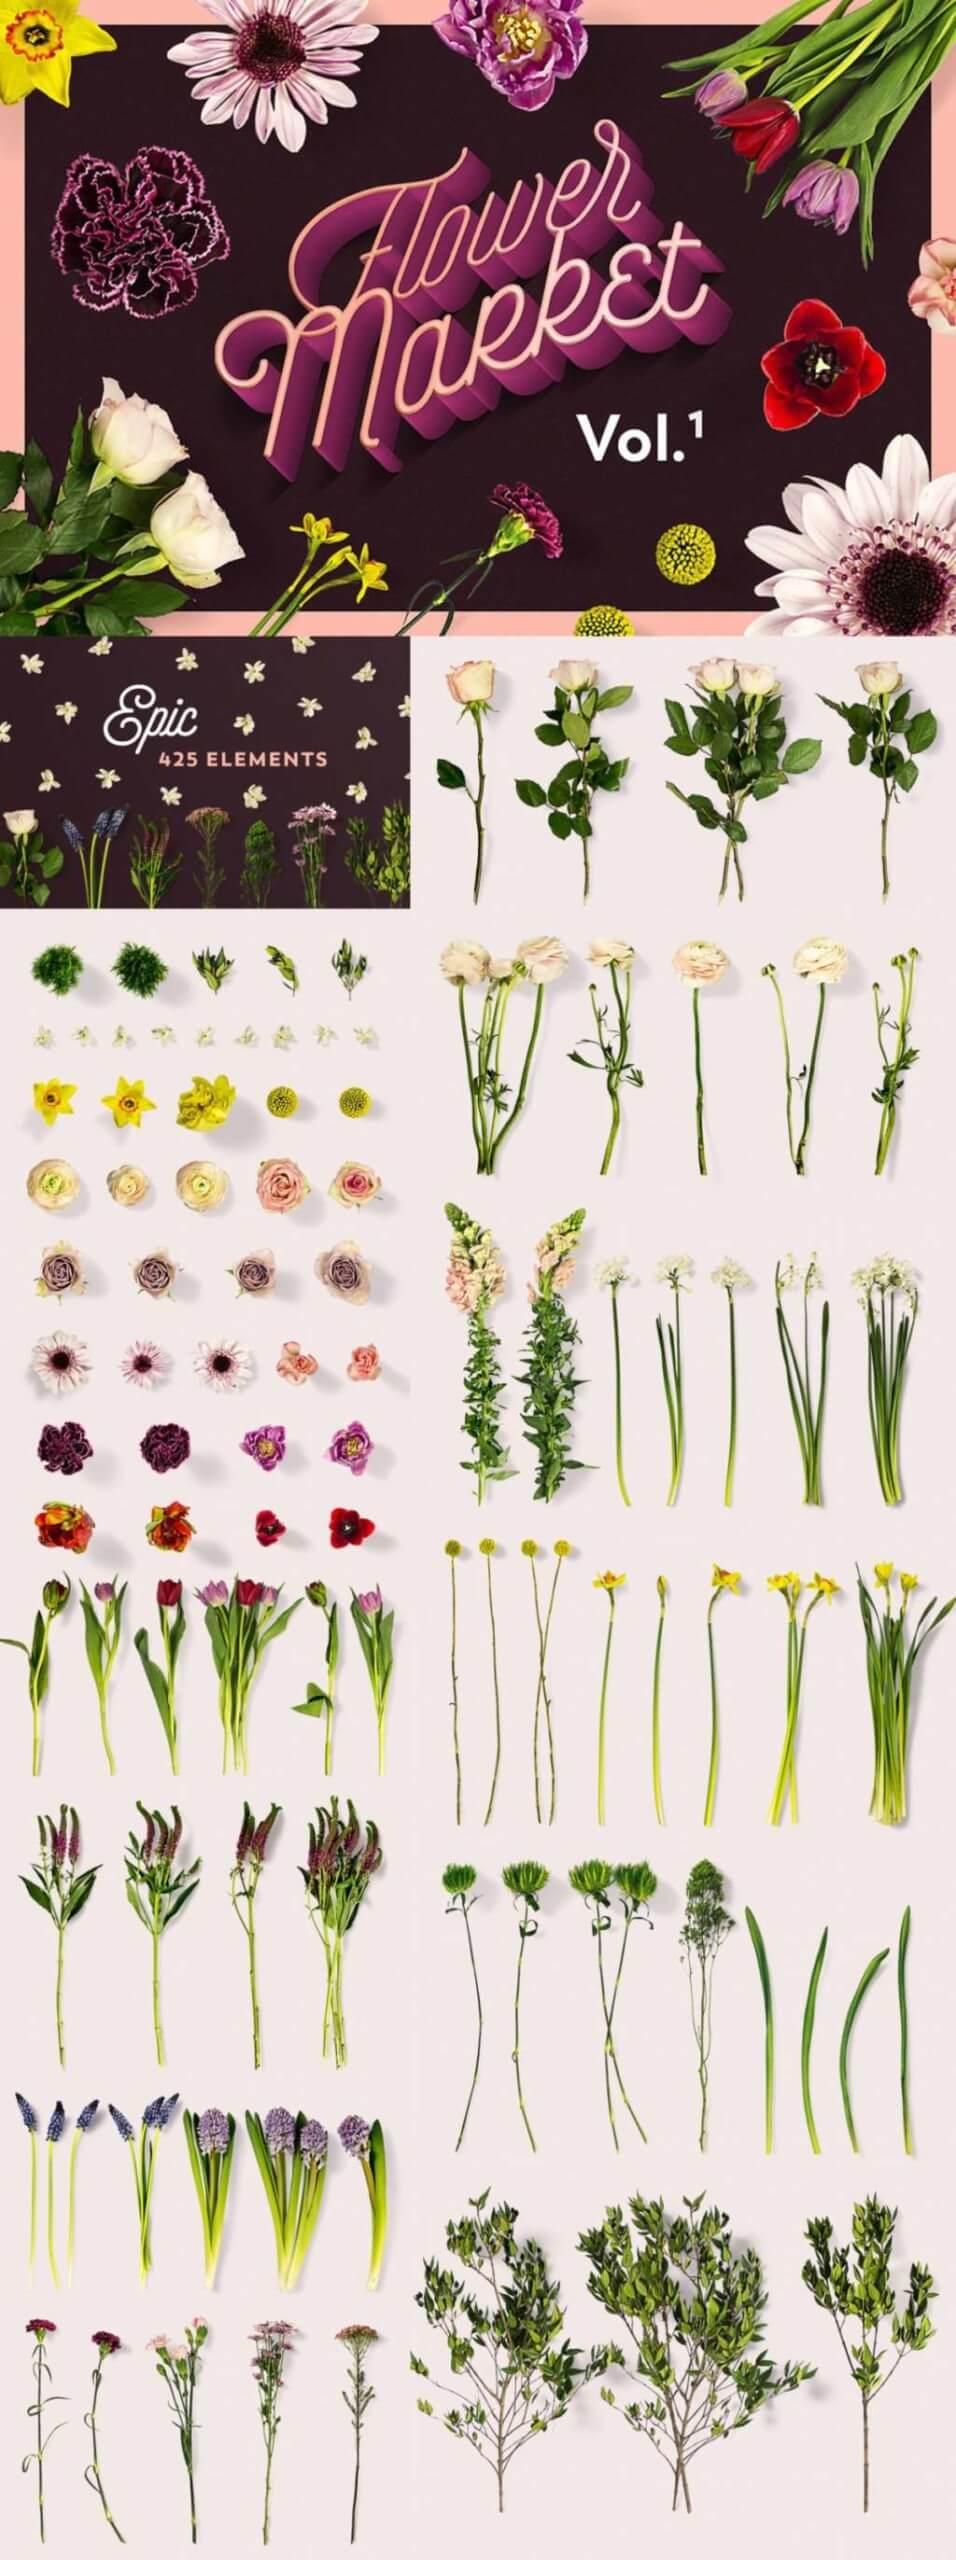 FLOWER MOCKUPS MARKET VOL. 1